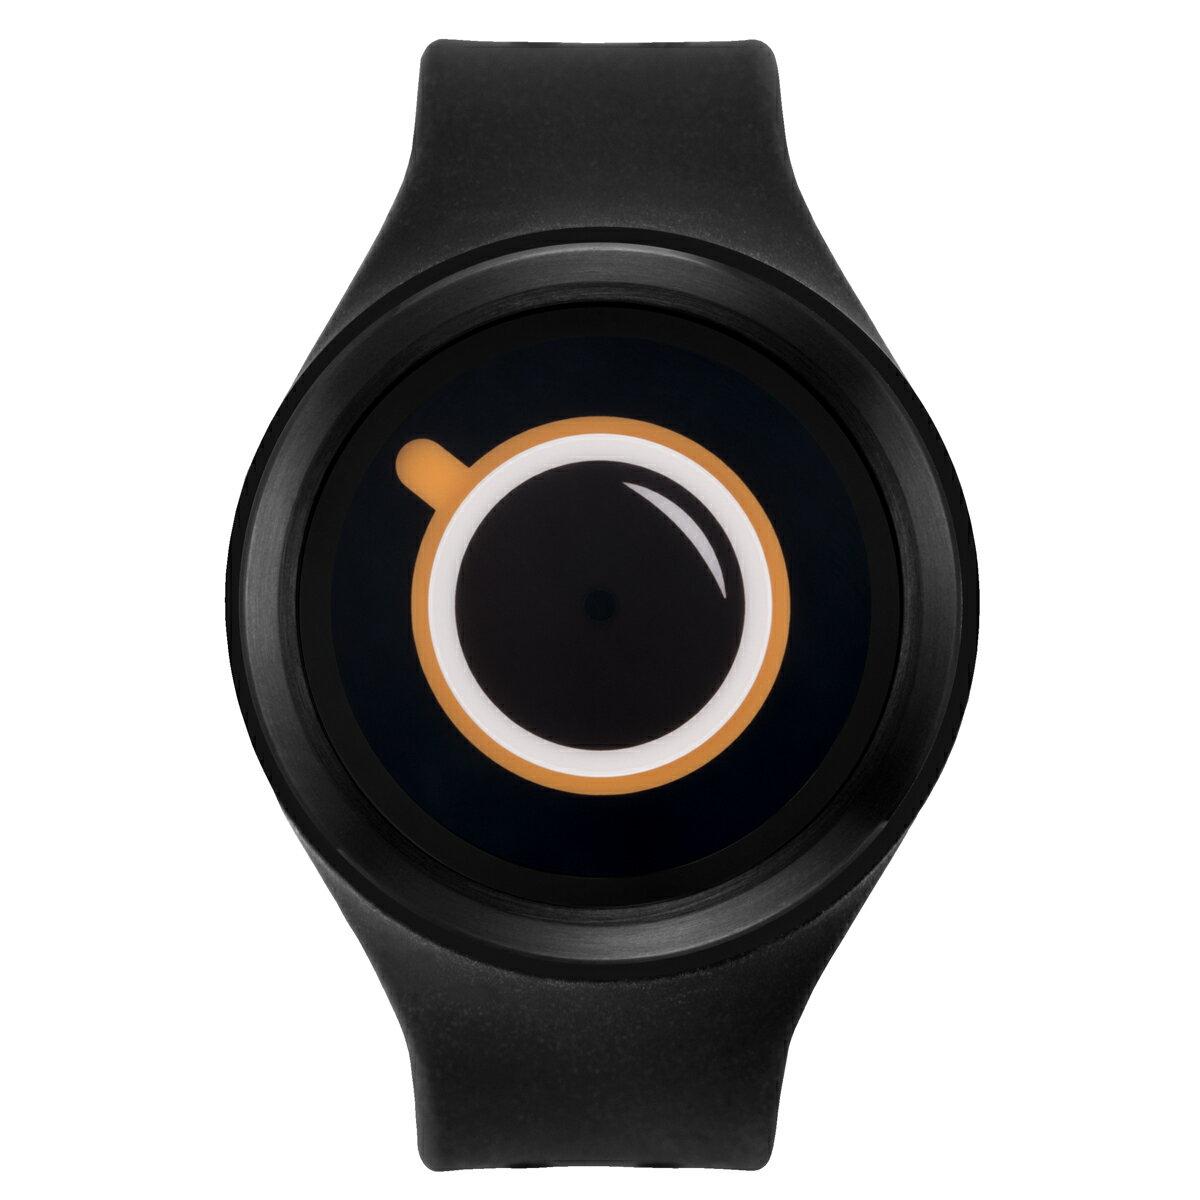 ZEROO COFFEE TIME ゼロ 電池式クォーツ 腕時計 [W00301B03SR02] ブラック デザインウォッチ ペア用 メンズ レディース ユニセックス おしゃれ時計 デザイナーズ